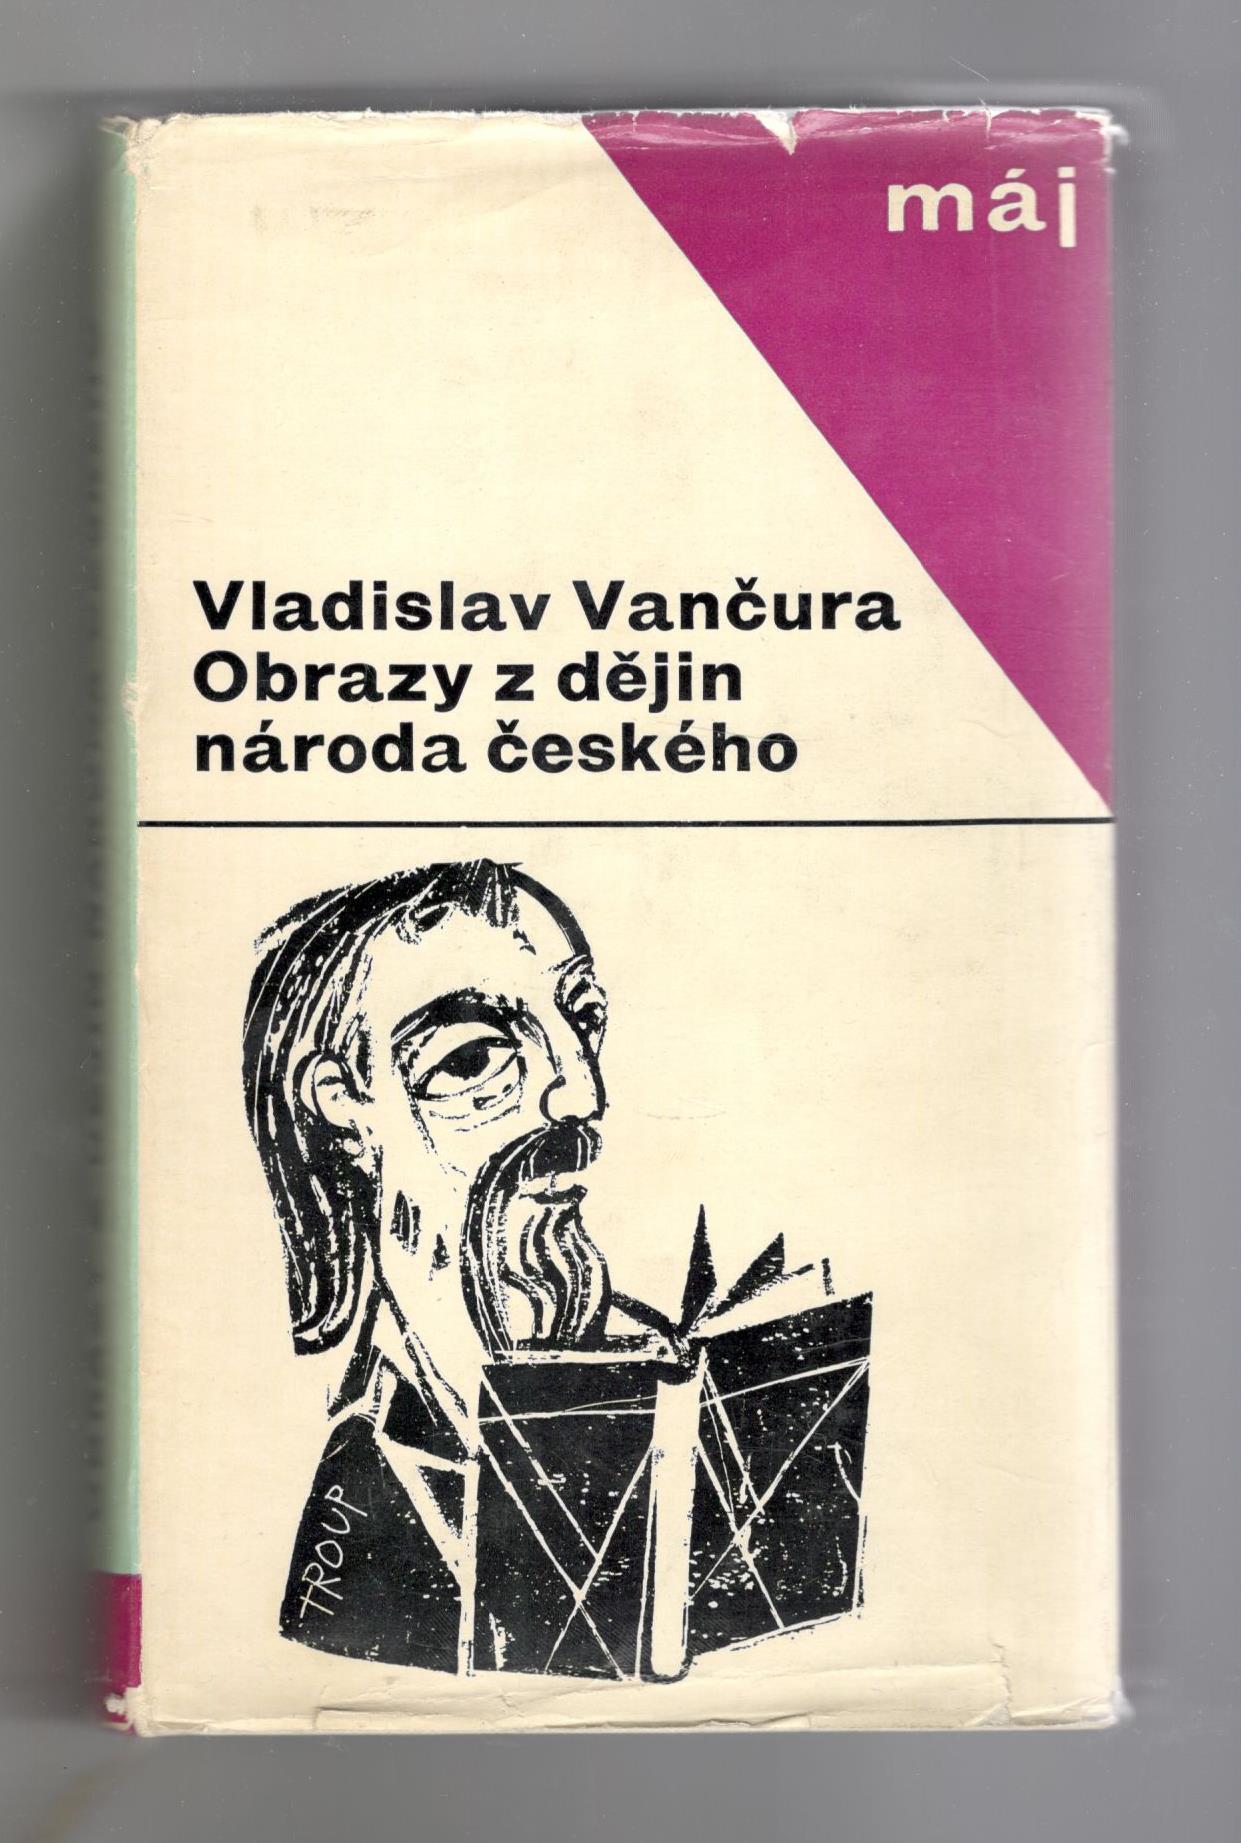 Obrazy z dějin národa českého - Vladislav Vančura